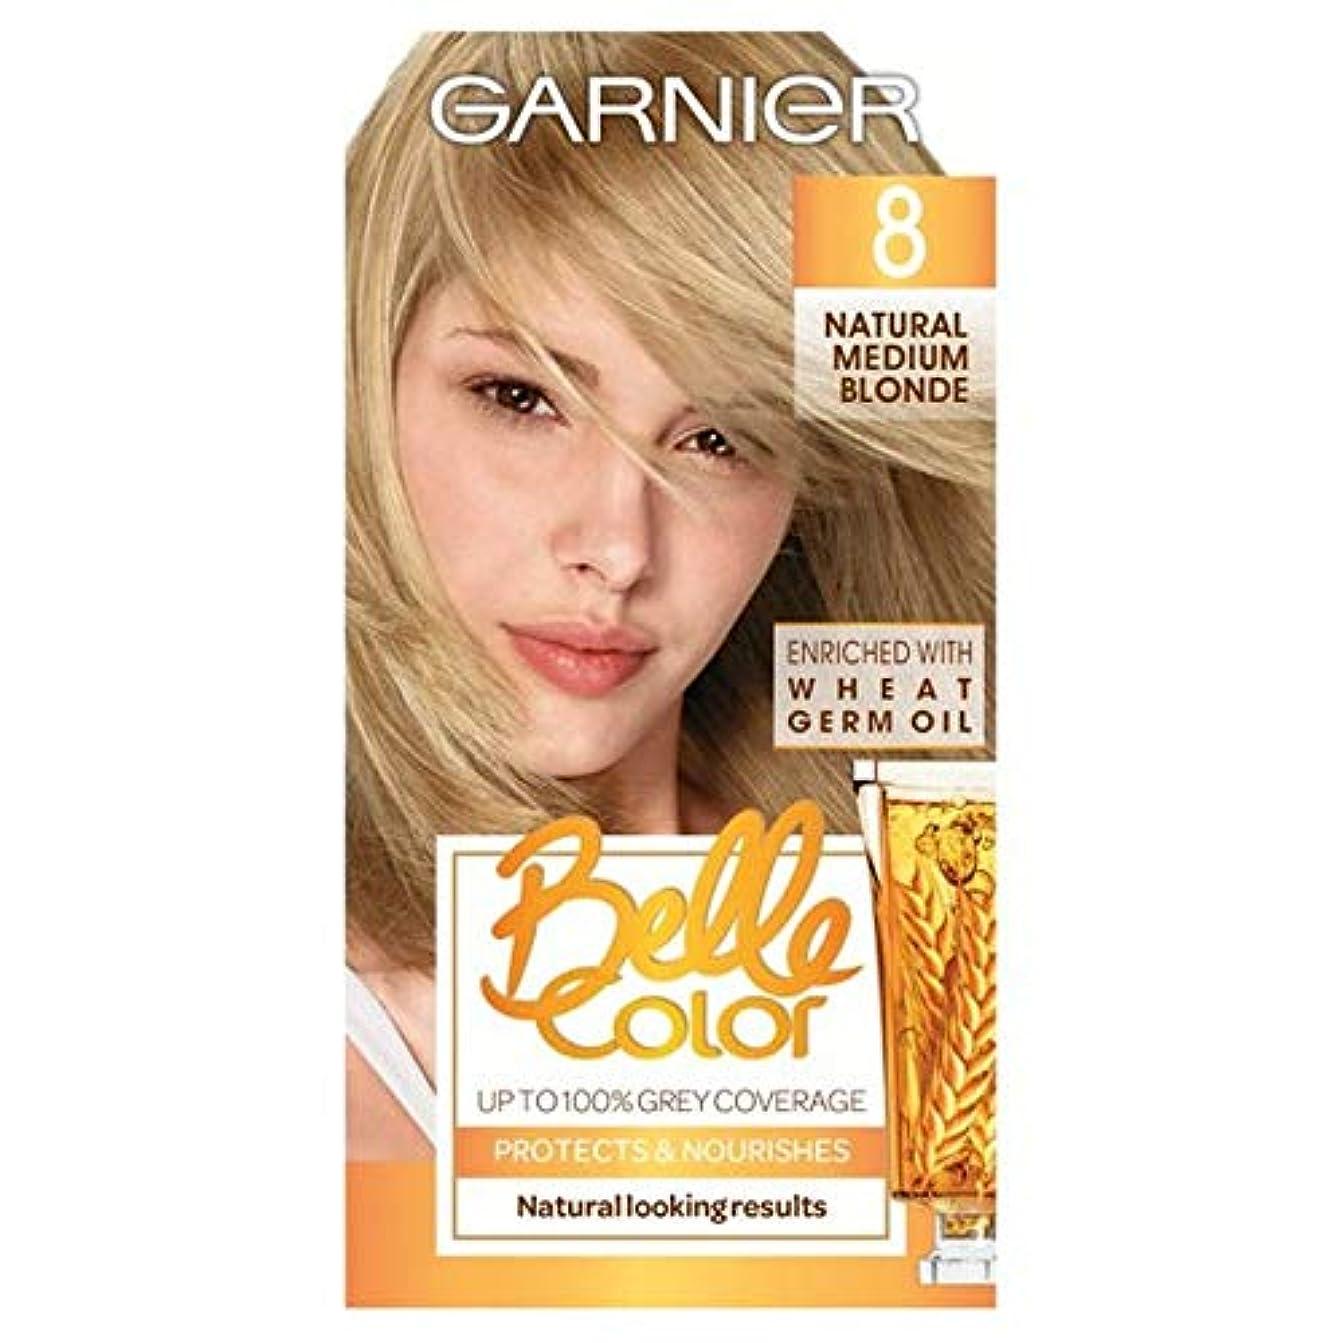 時期尚早幹全員[Belle Color ] ガーン/ベル/Clr 8天然培地ブロンドパーマネントヘアダイ - Garn/Bel/Clr 8 Natural Medium Blonde Permanent Hair Dye [並行輸入品]